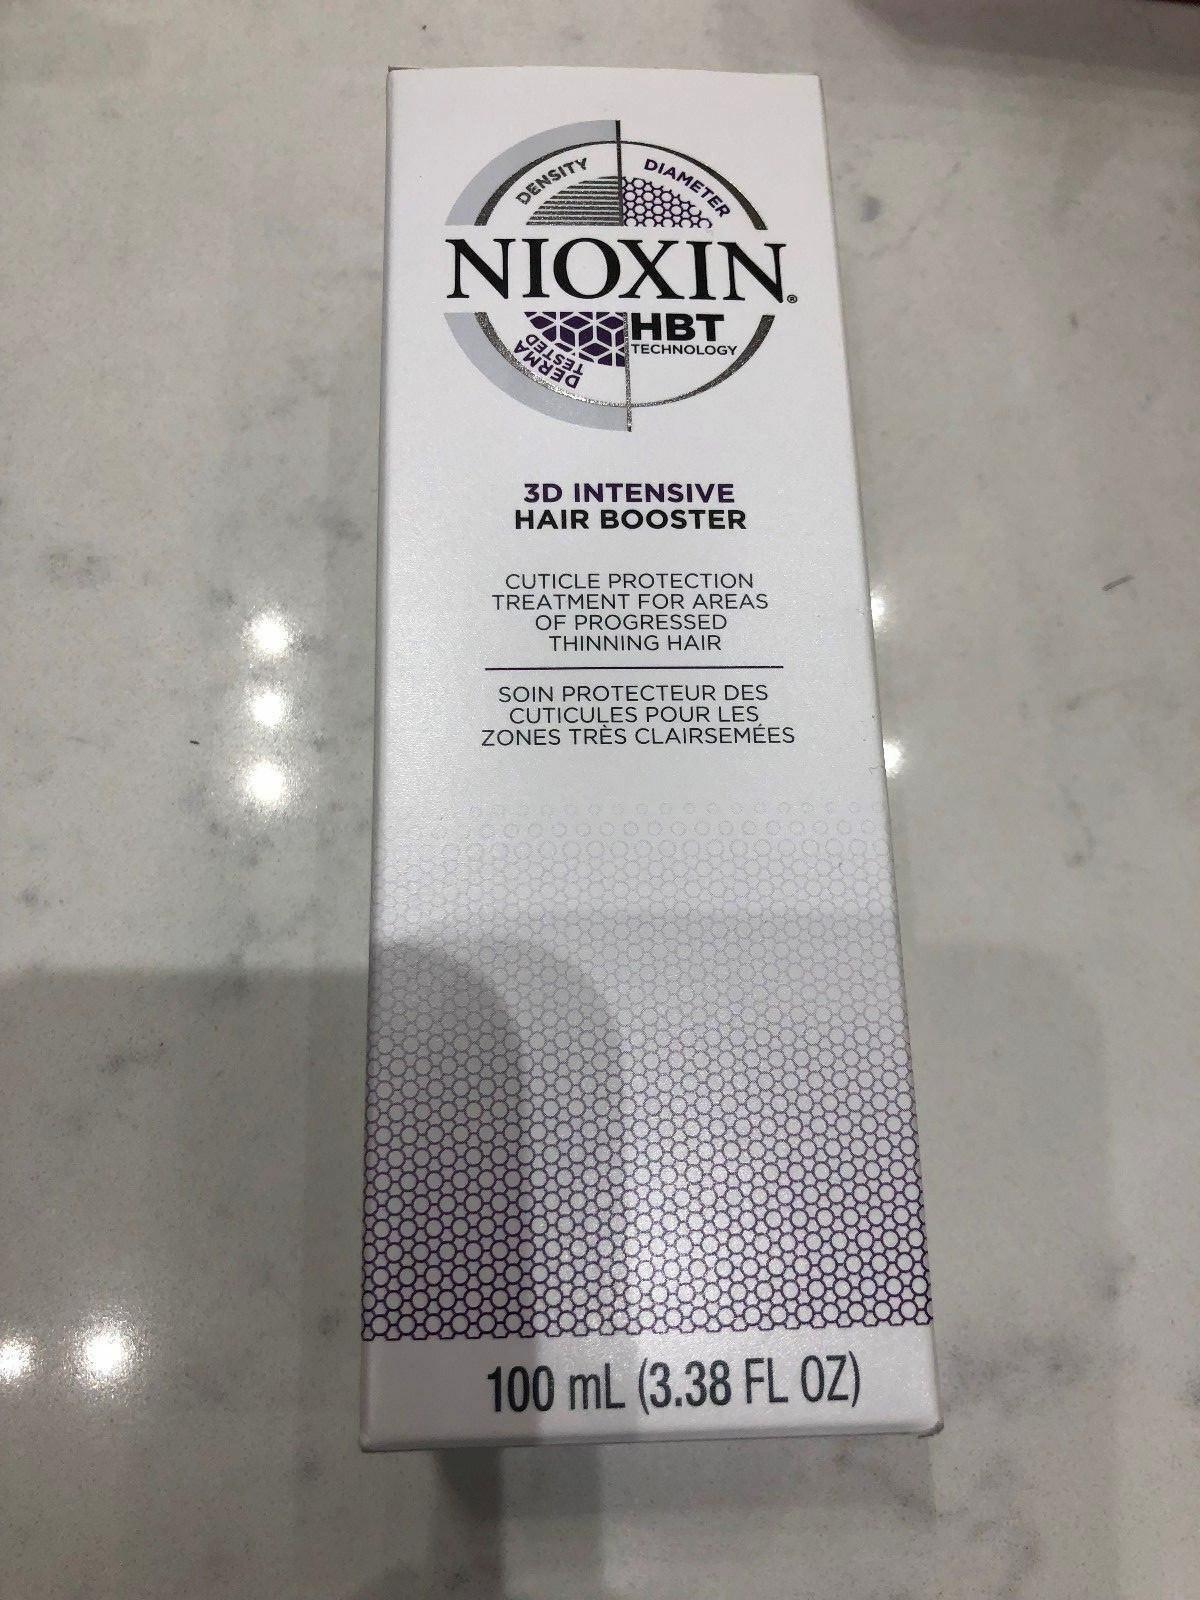 NIOXIN 3D Intensive Hair Booster 3.38oz